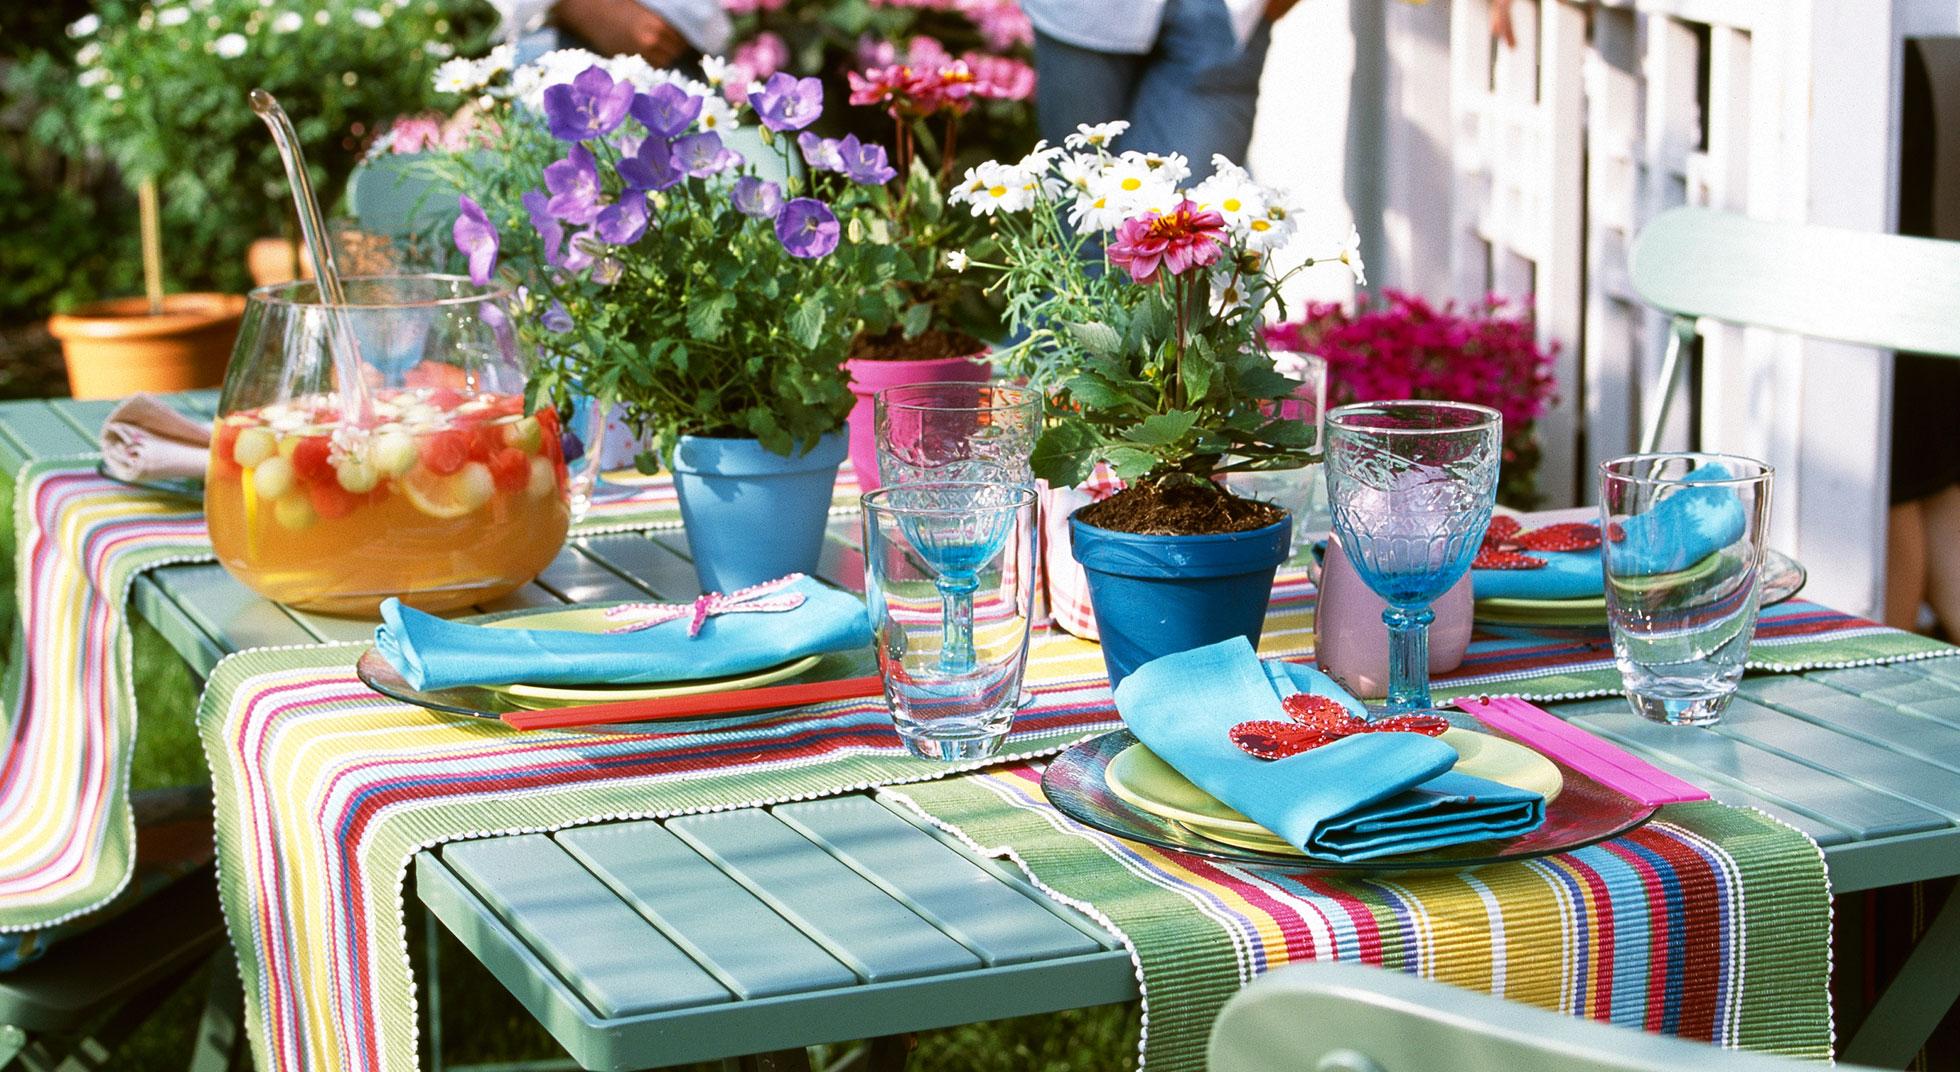 Decorazioni per la tavola 5 idee aia food - Tavola da pranzo ...